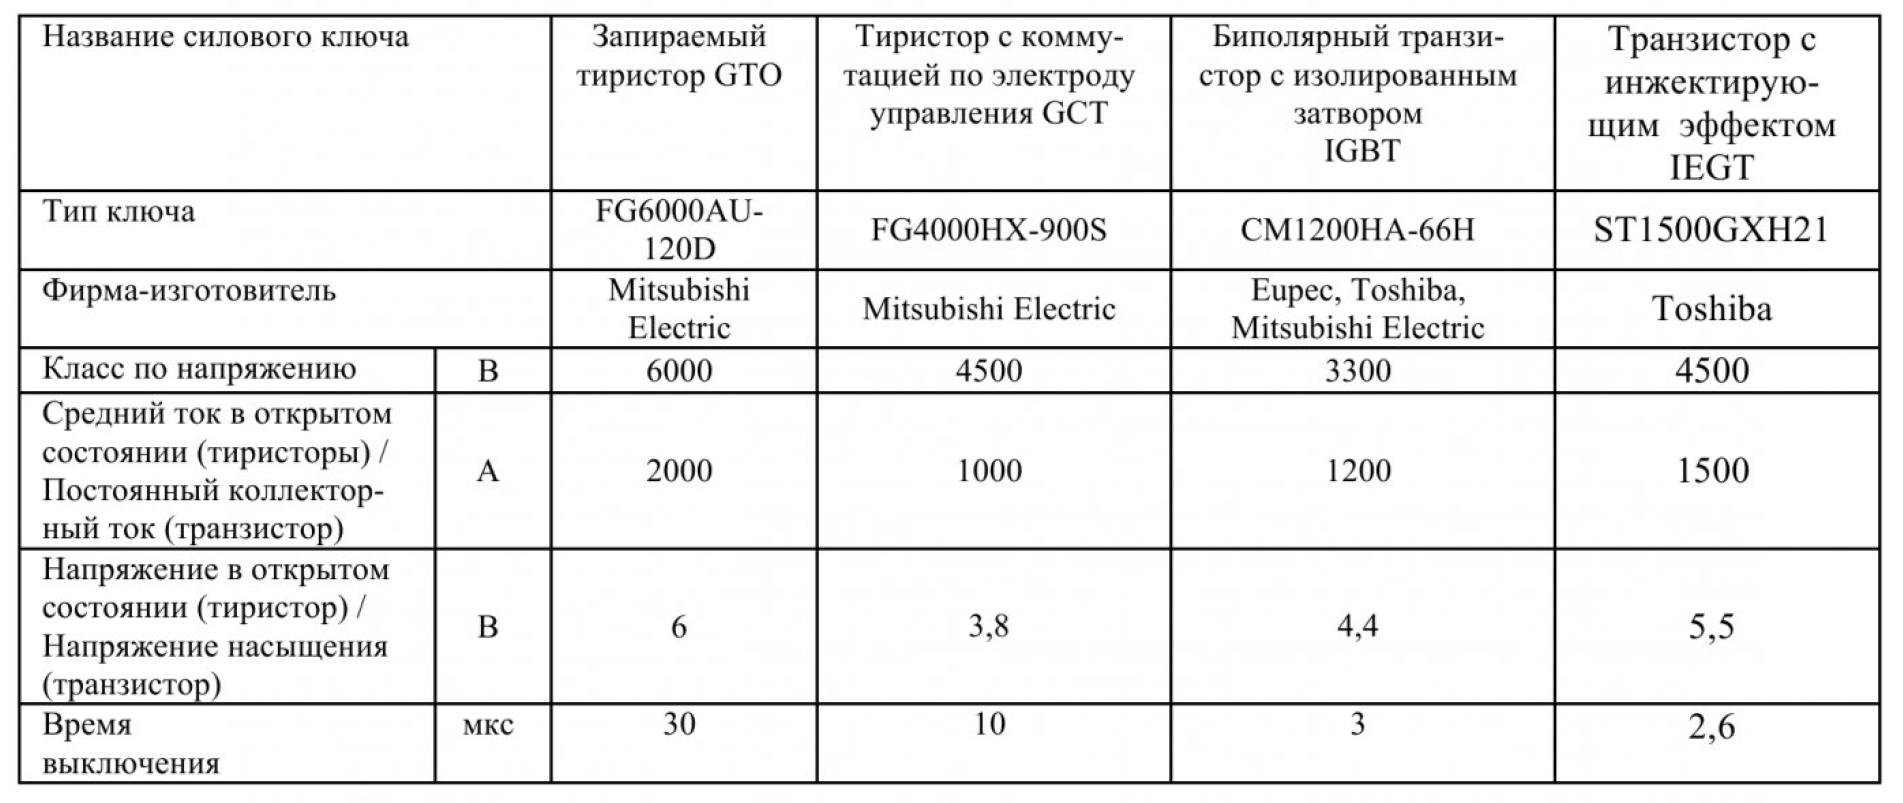 Устройство плавного пуска для нерегулируемых асинхронных электроприводов на полностью управляемых силовых полупроводниковых приборах 1